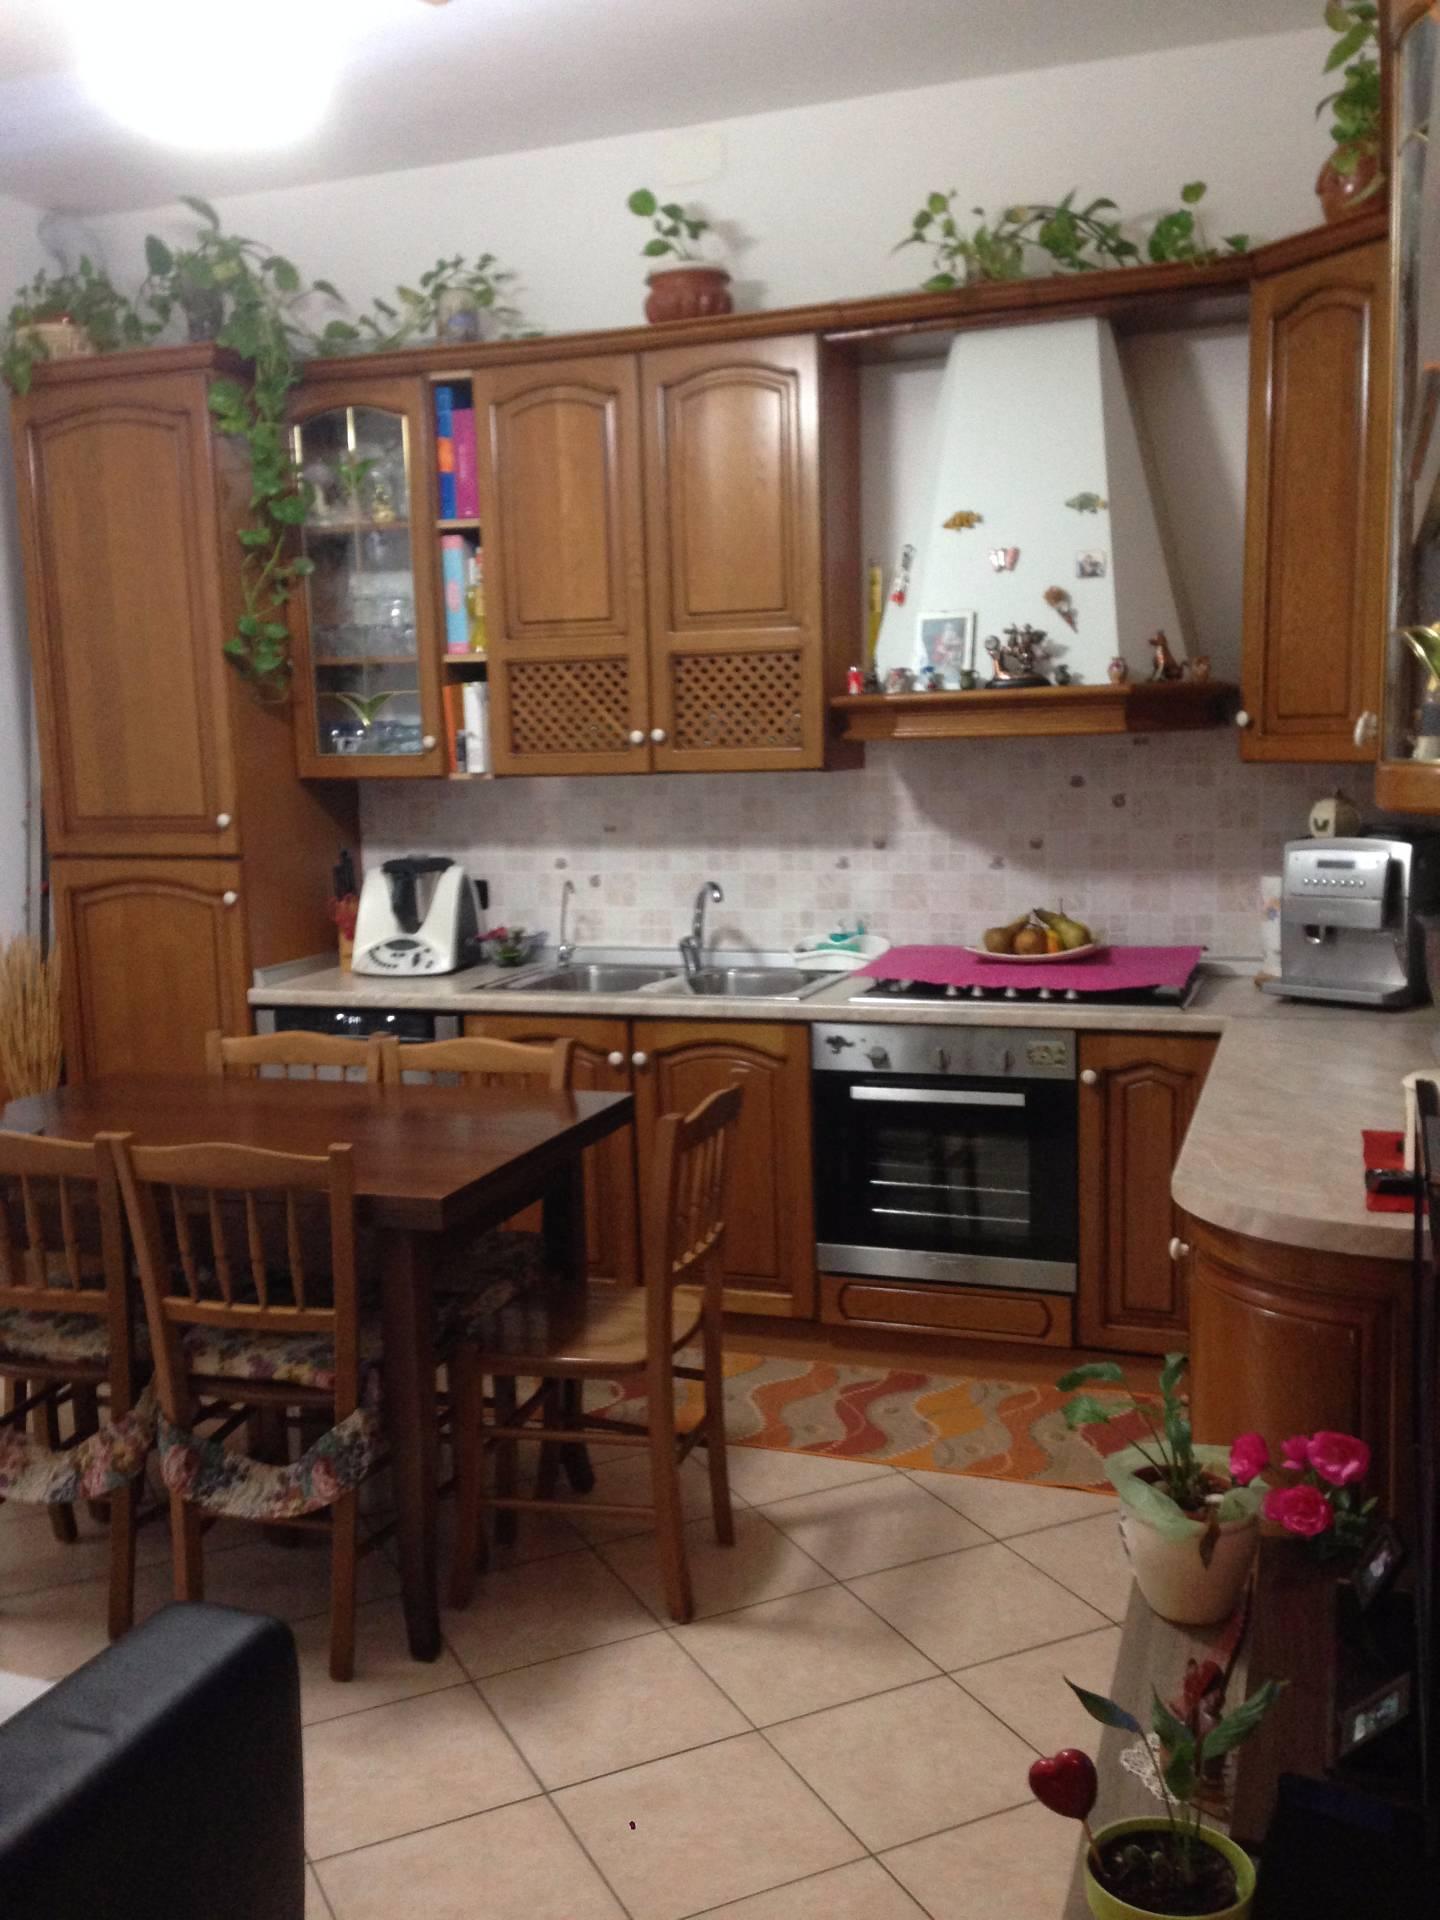 Appartamento in vendita a Calolziocorte, 3 locali, prezzo € 80.000 | CambioCasa.it